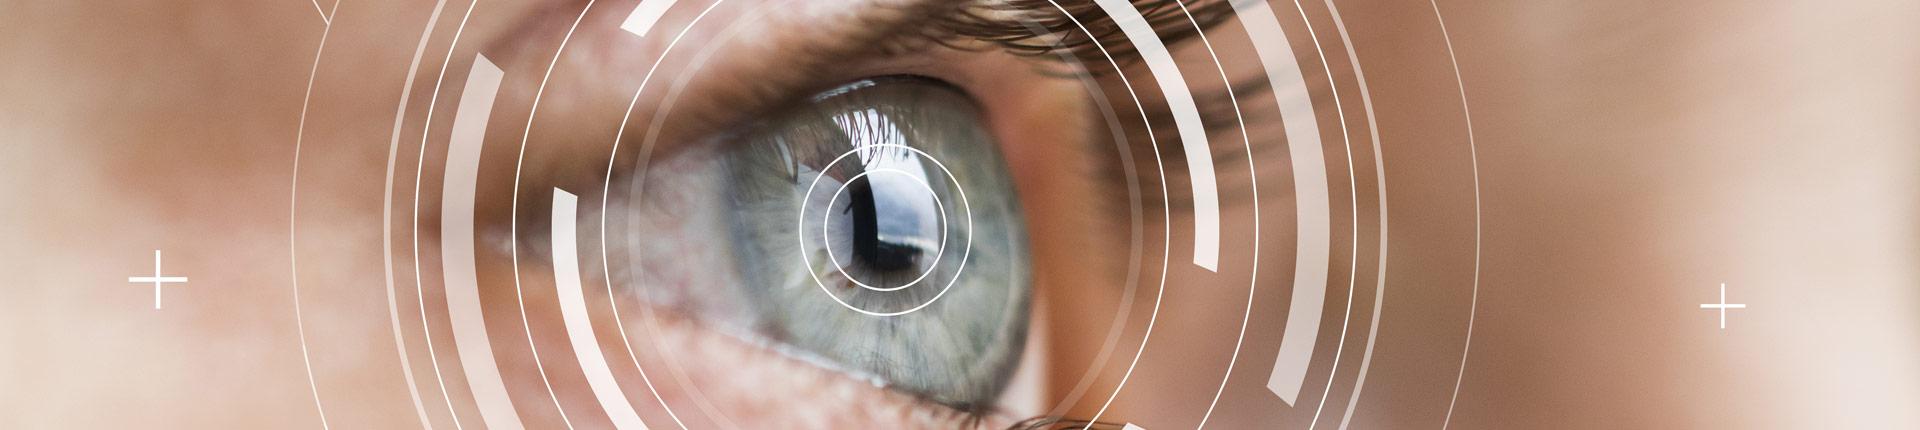 Wpływ luteiny i zeaksantyny na wzrok